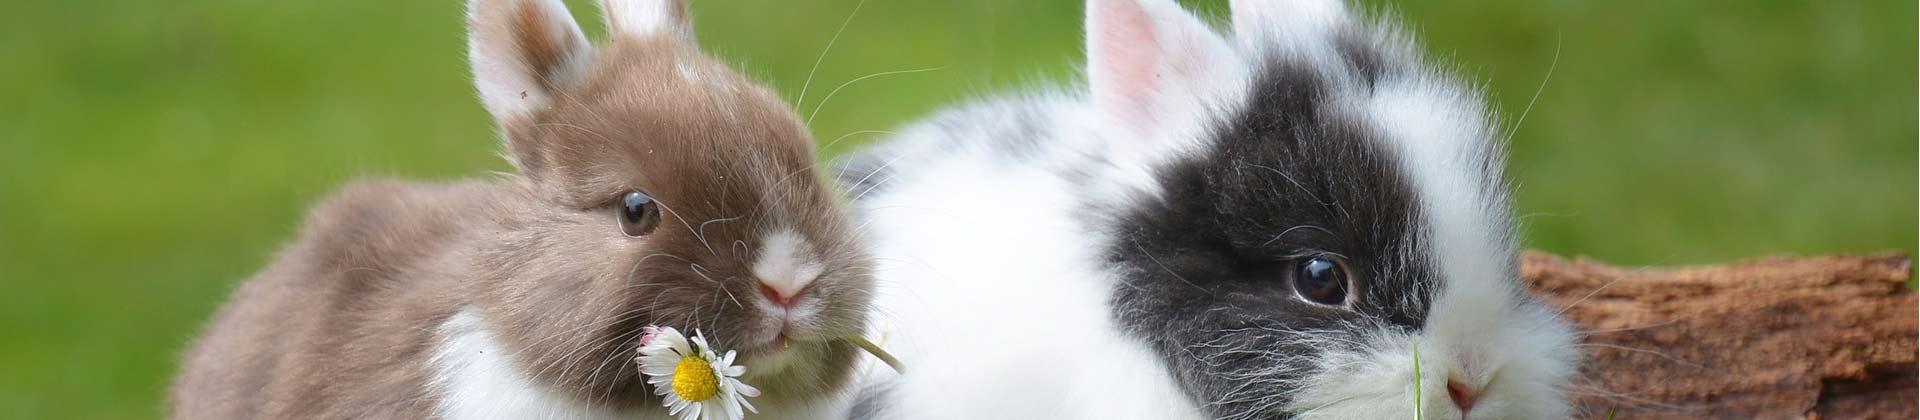 Kleintierstall für Hasen Kaninchen